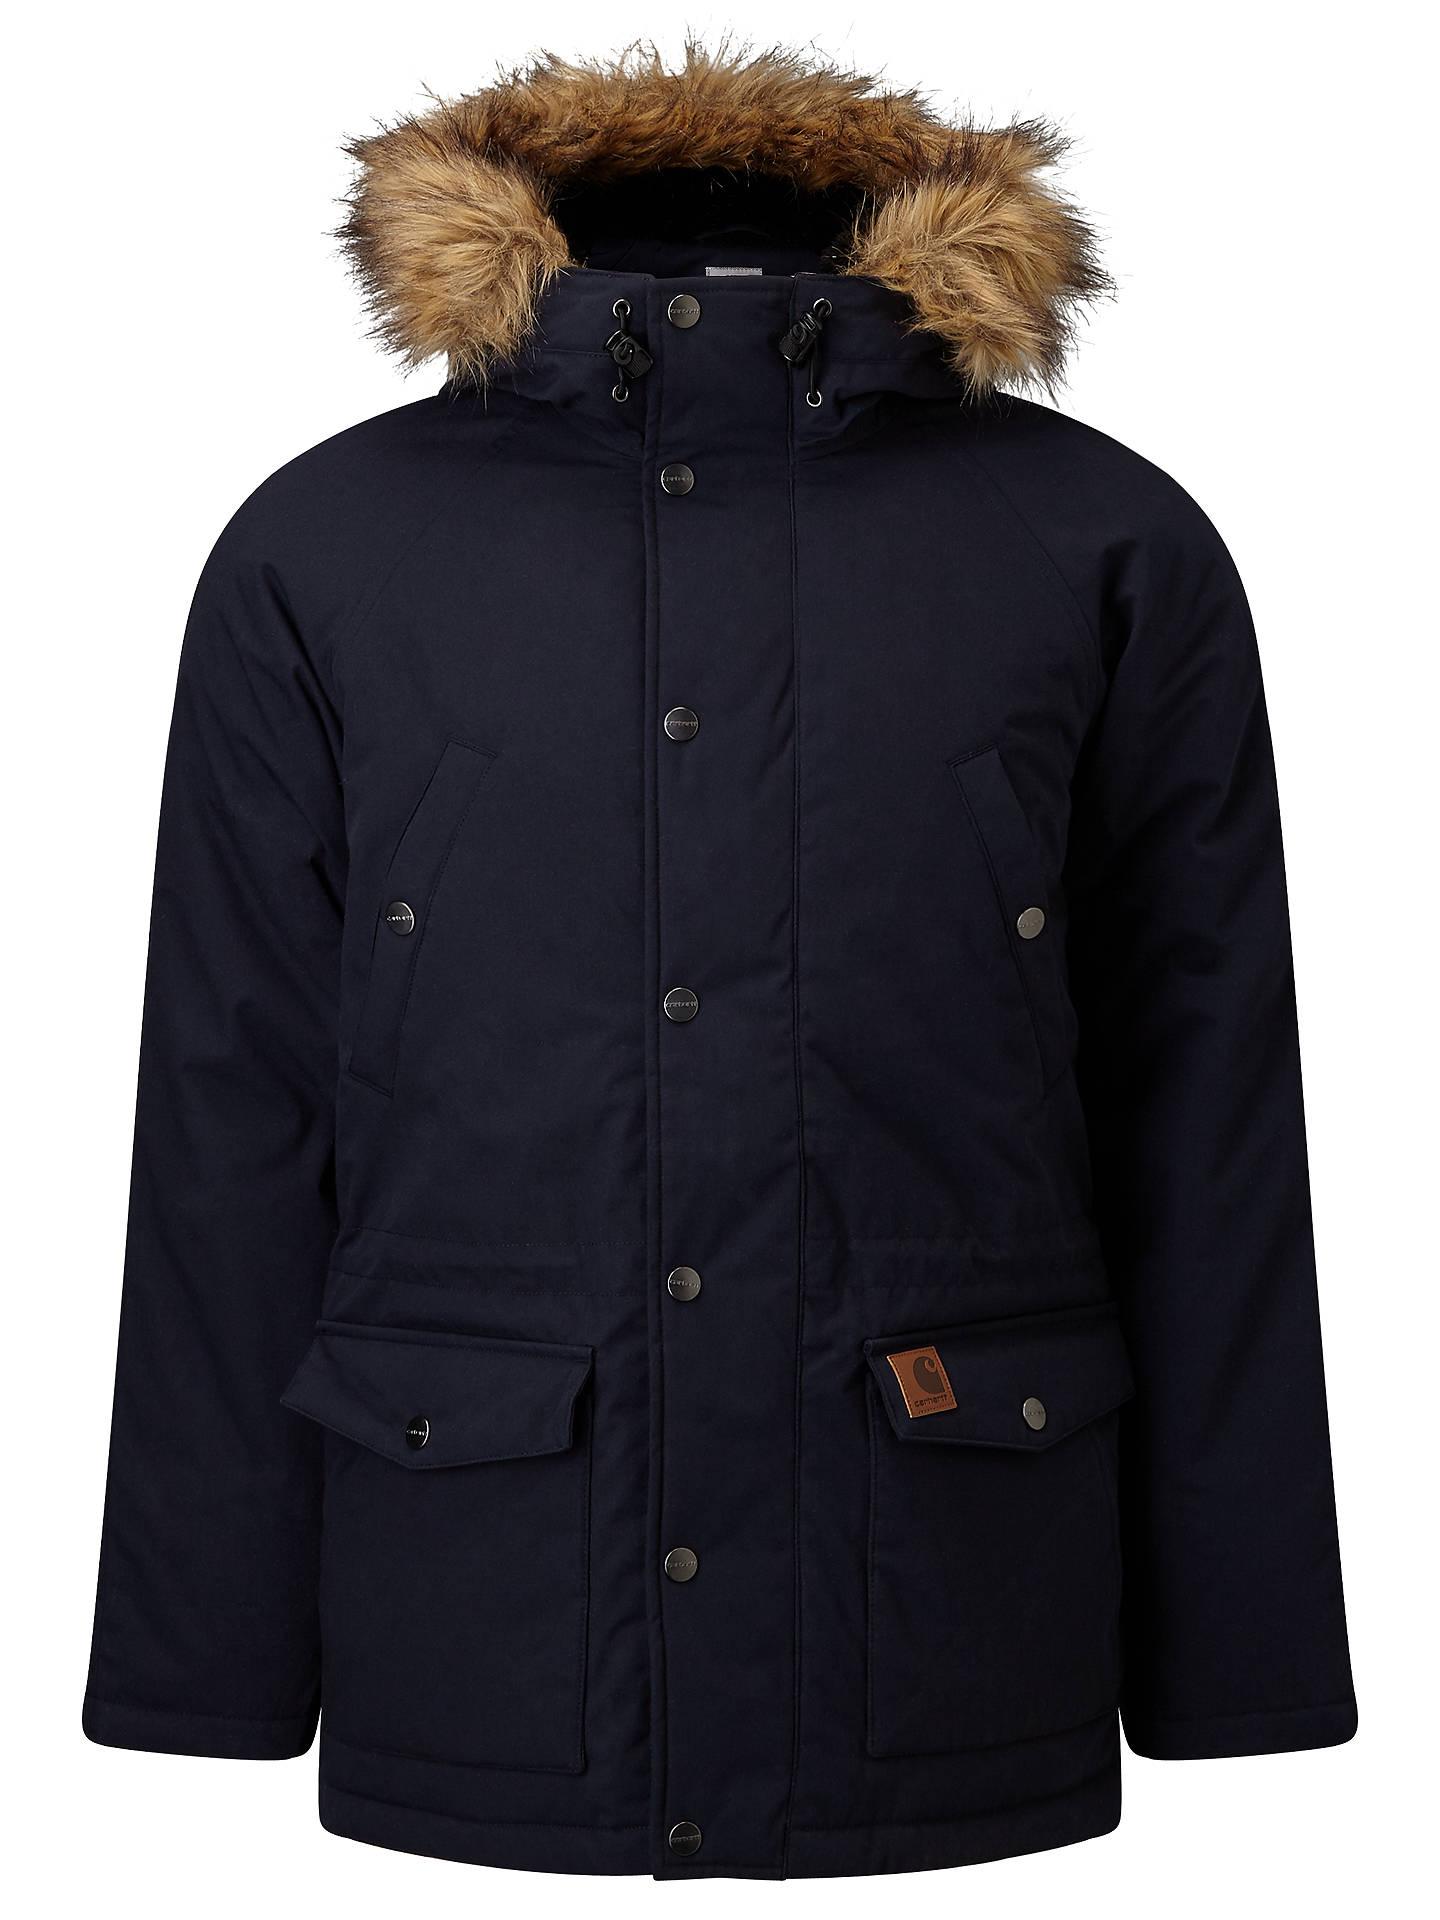 e0dad172f Carhartt WIP Trapper Parka Coat at John Lewis   Partners